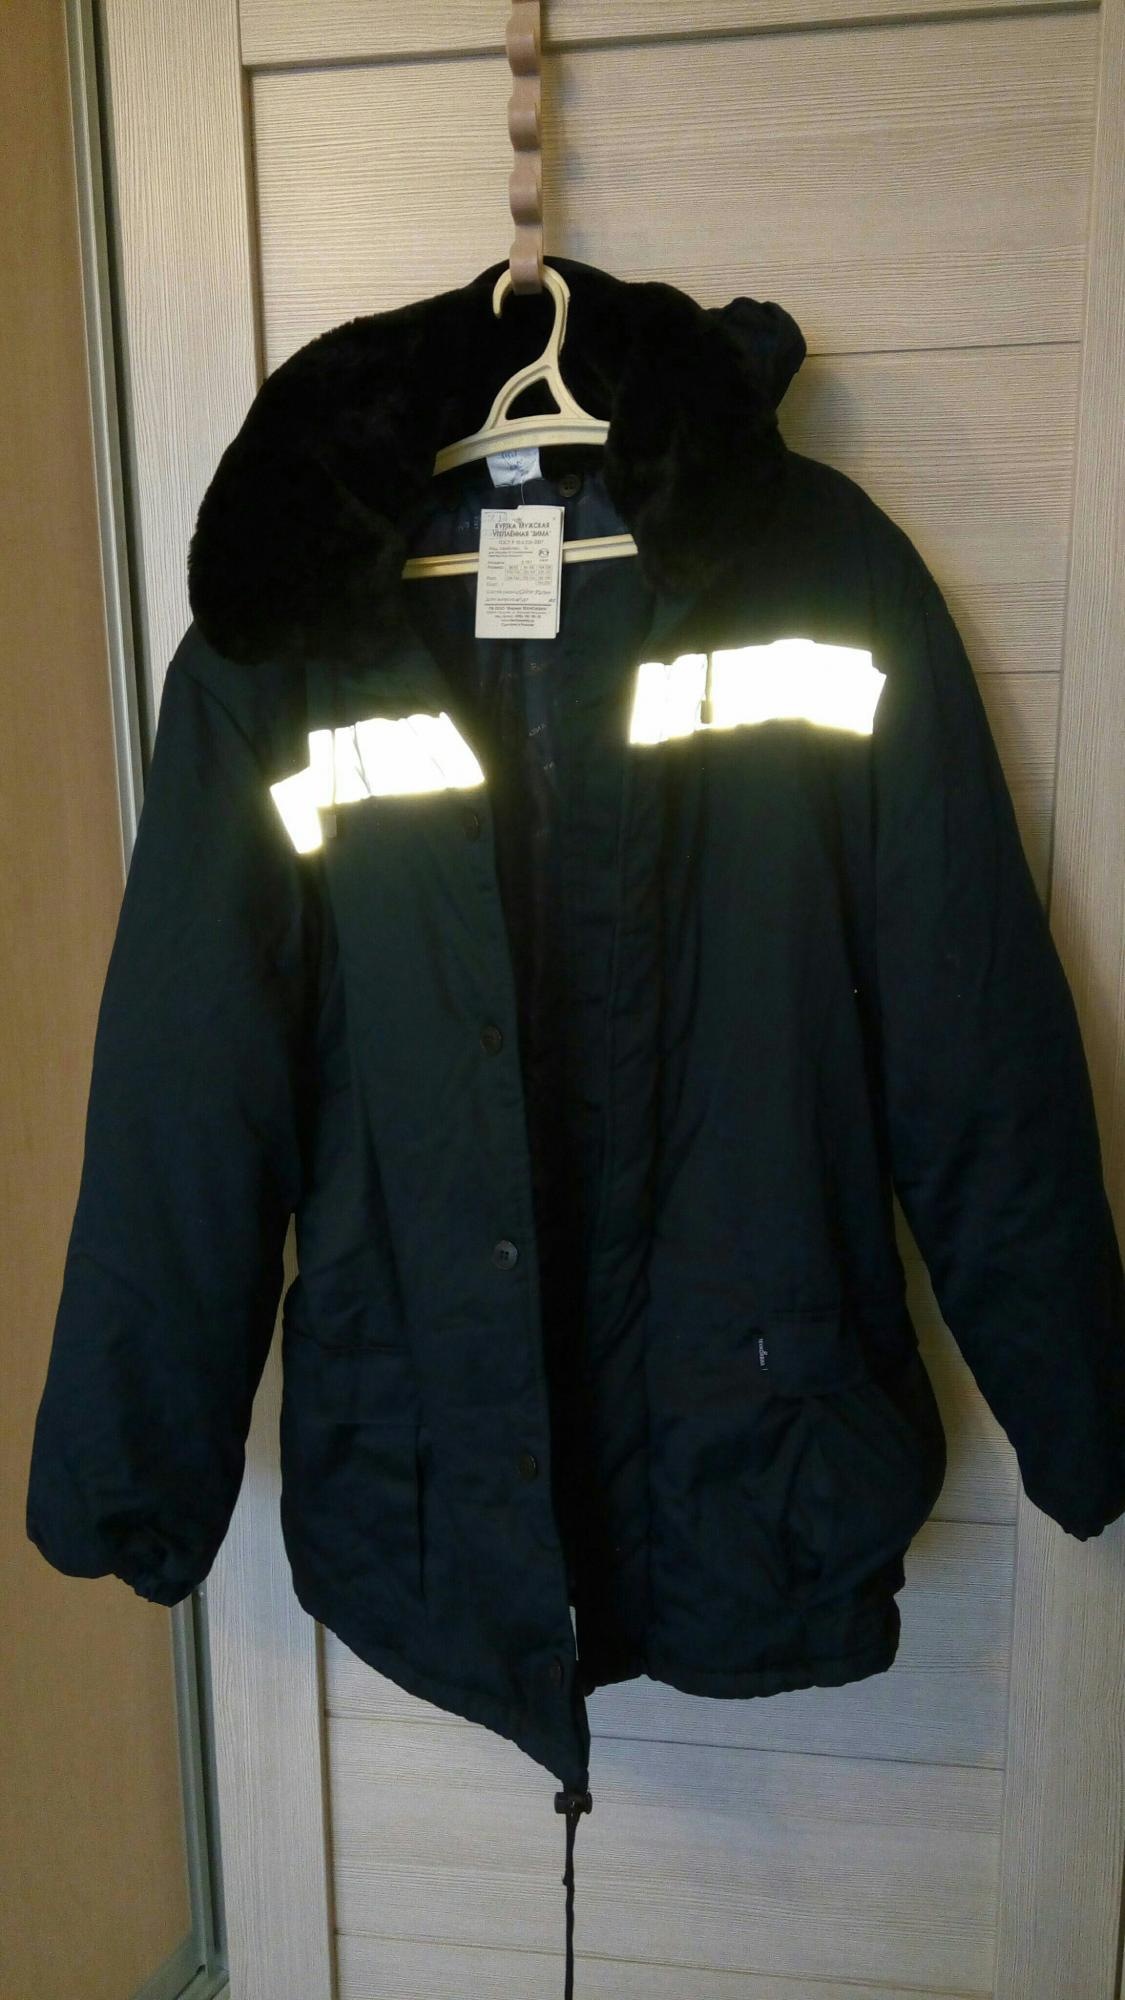 Куртка зимняя. Размер 56-58. Новая! в Зеленограде 89055246798 купить 2